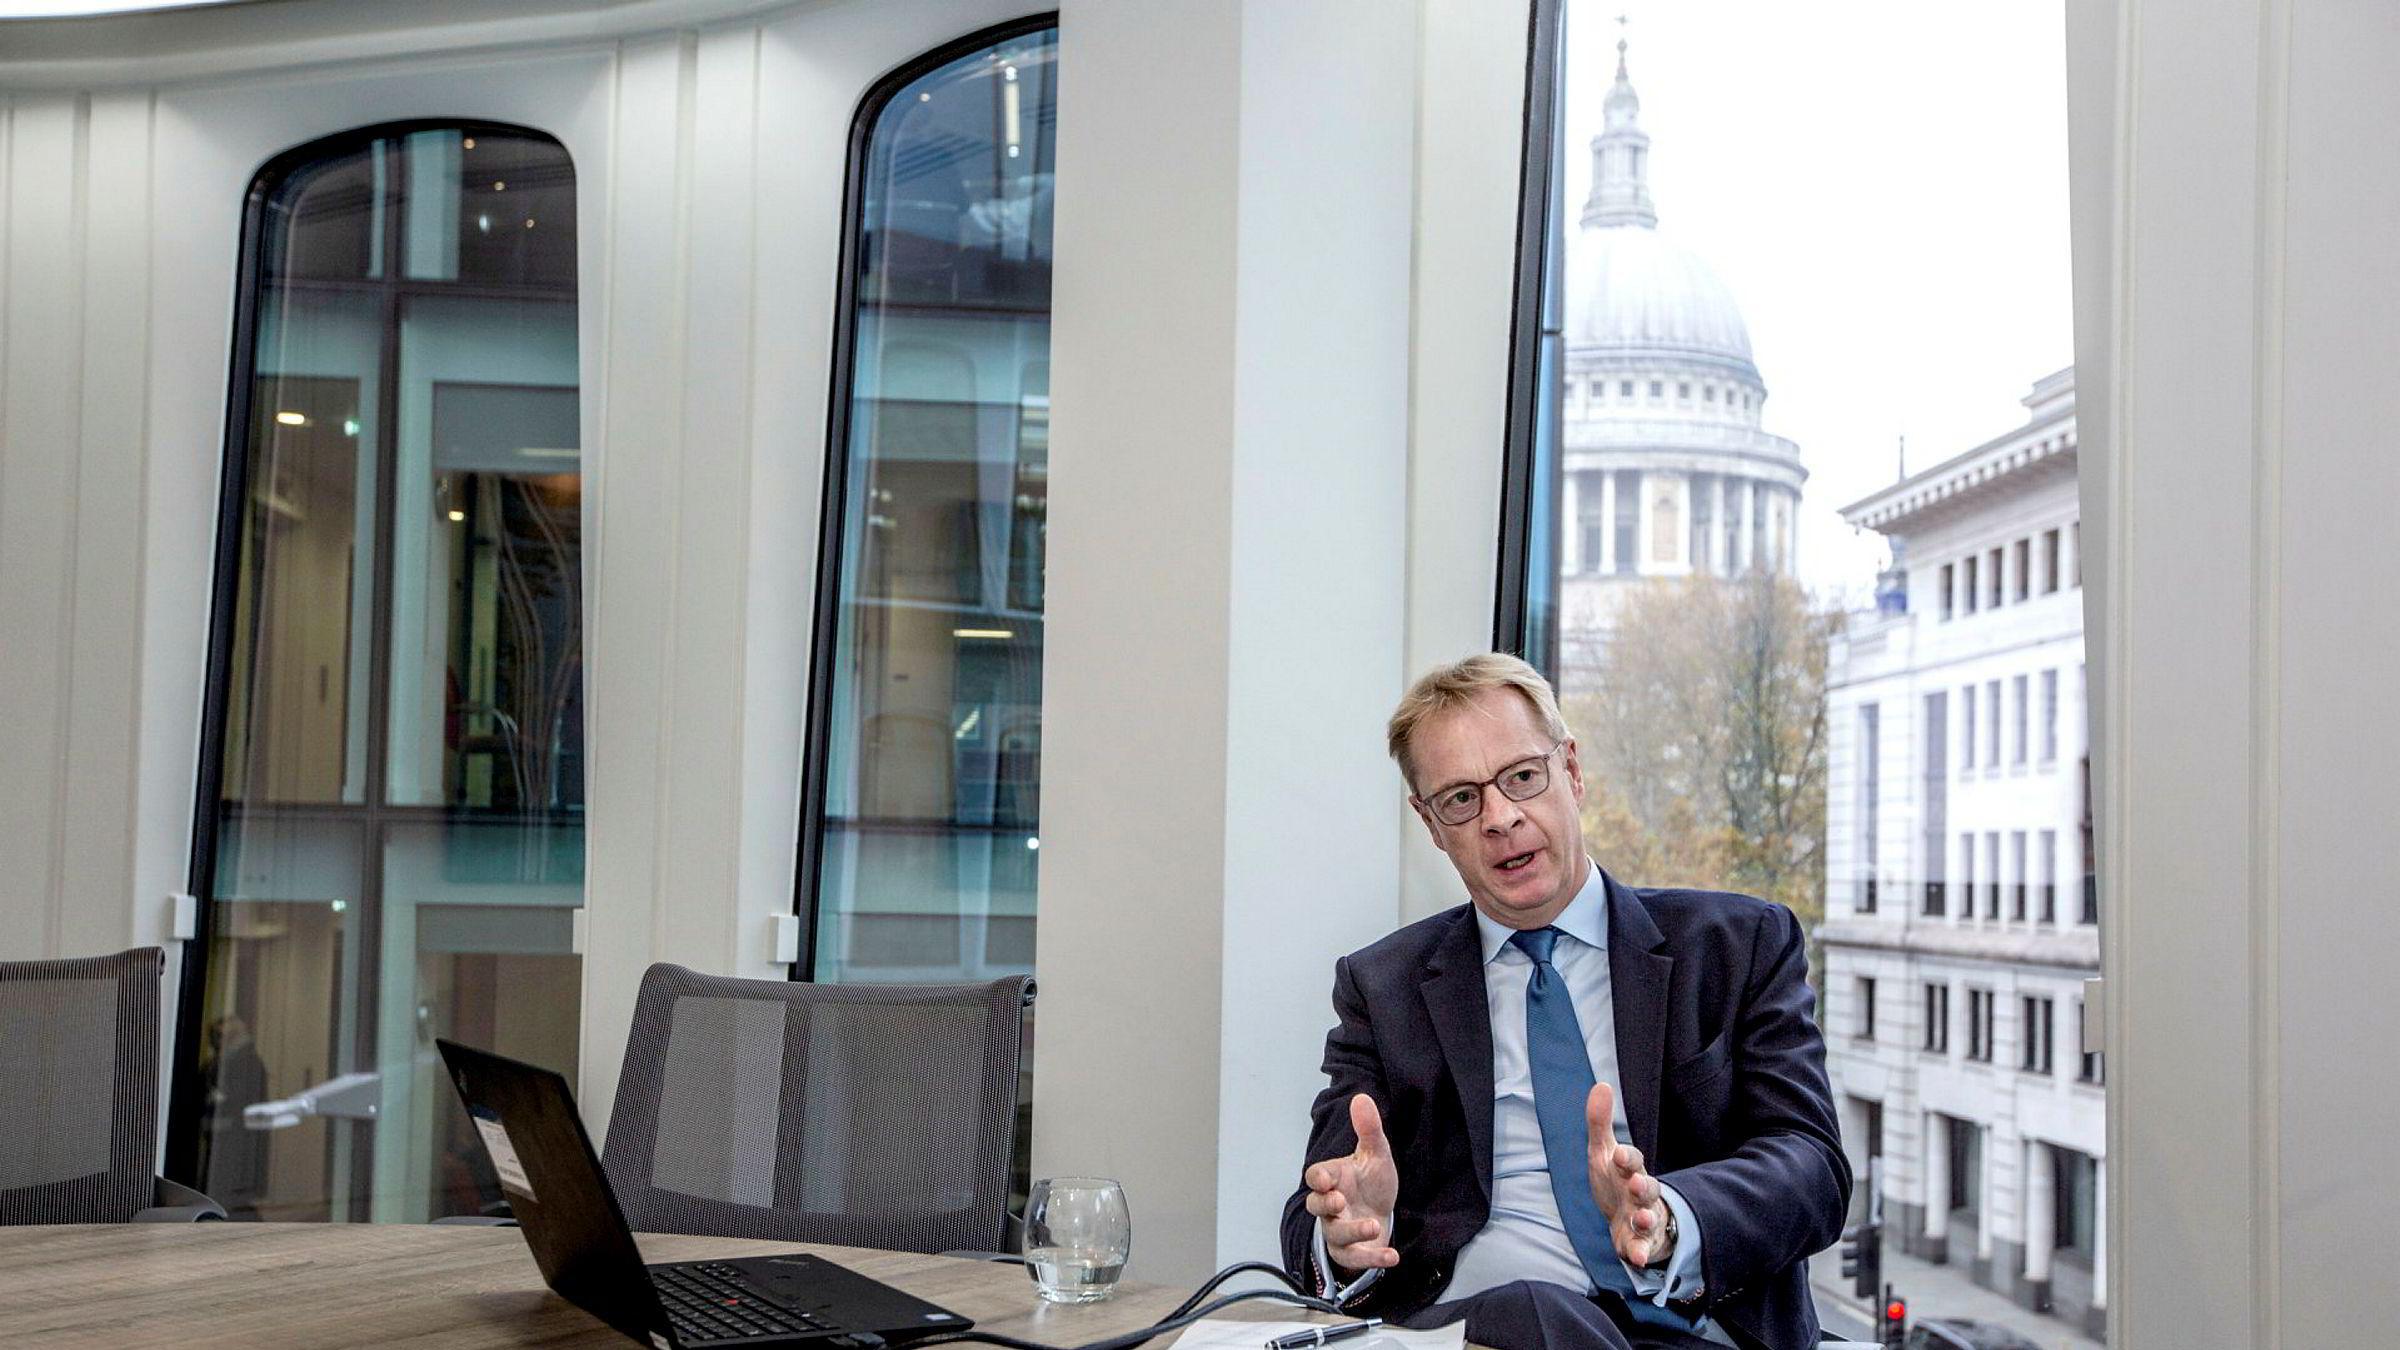 Mike Stewart, partner på Wikborg Reins kontor i finansdistriktet City of London, sier bedriftene i liten grad bekymrer seg over brexit-uro. Nå sier EU for første gang at Storbritannia kan utestenges fra deler av det finansielle systemet.